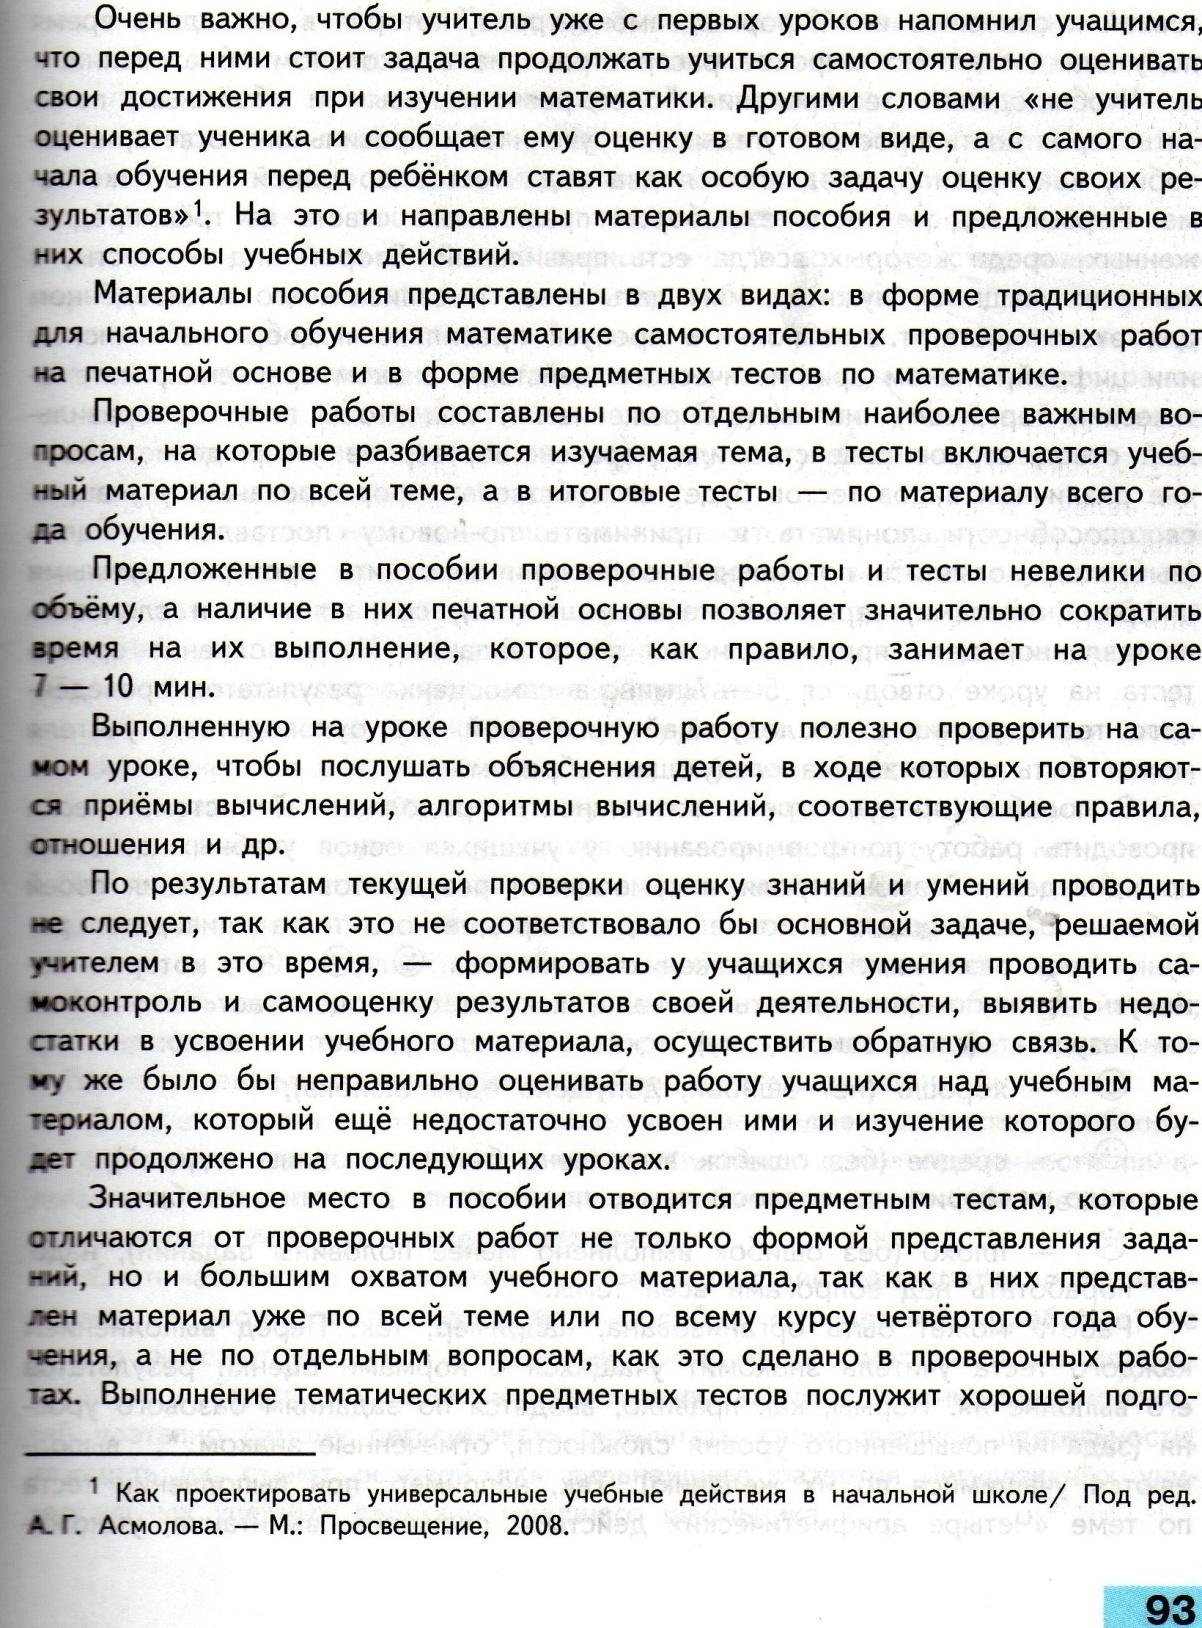 C:\Documents and Settings\Admin\Мои документы\Мои рисунки\1592.jpg